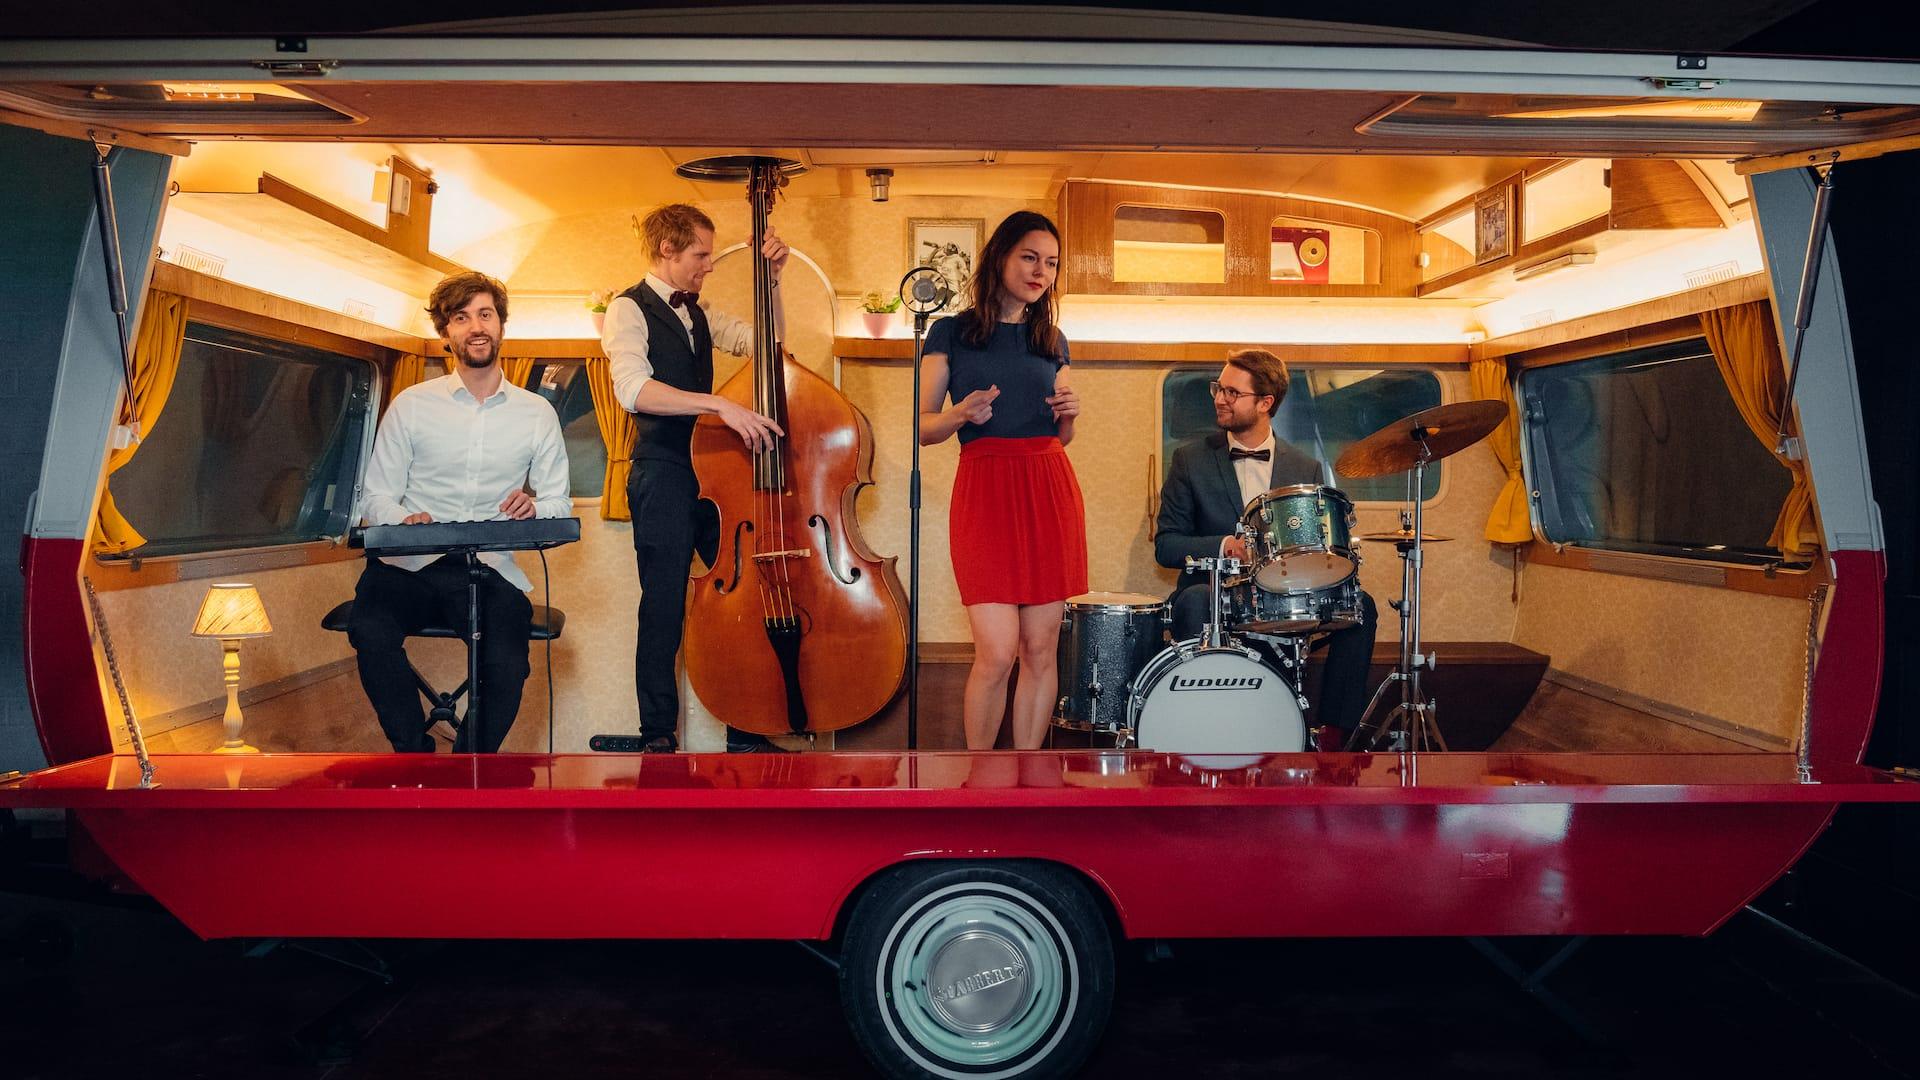 Live-muziek-jazz-band-boeken-huren-trouwfeest-event-personeelsfeest-bedrijfsfeest